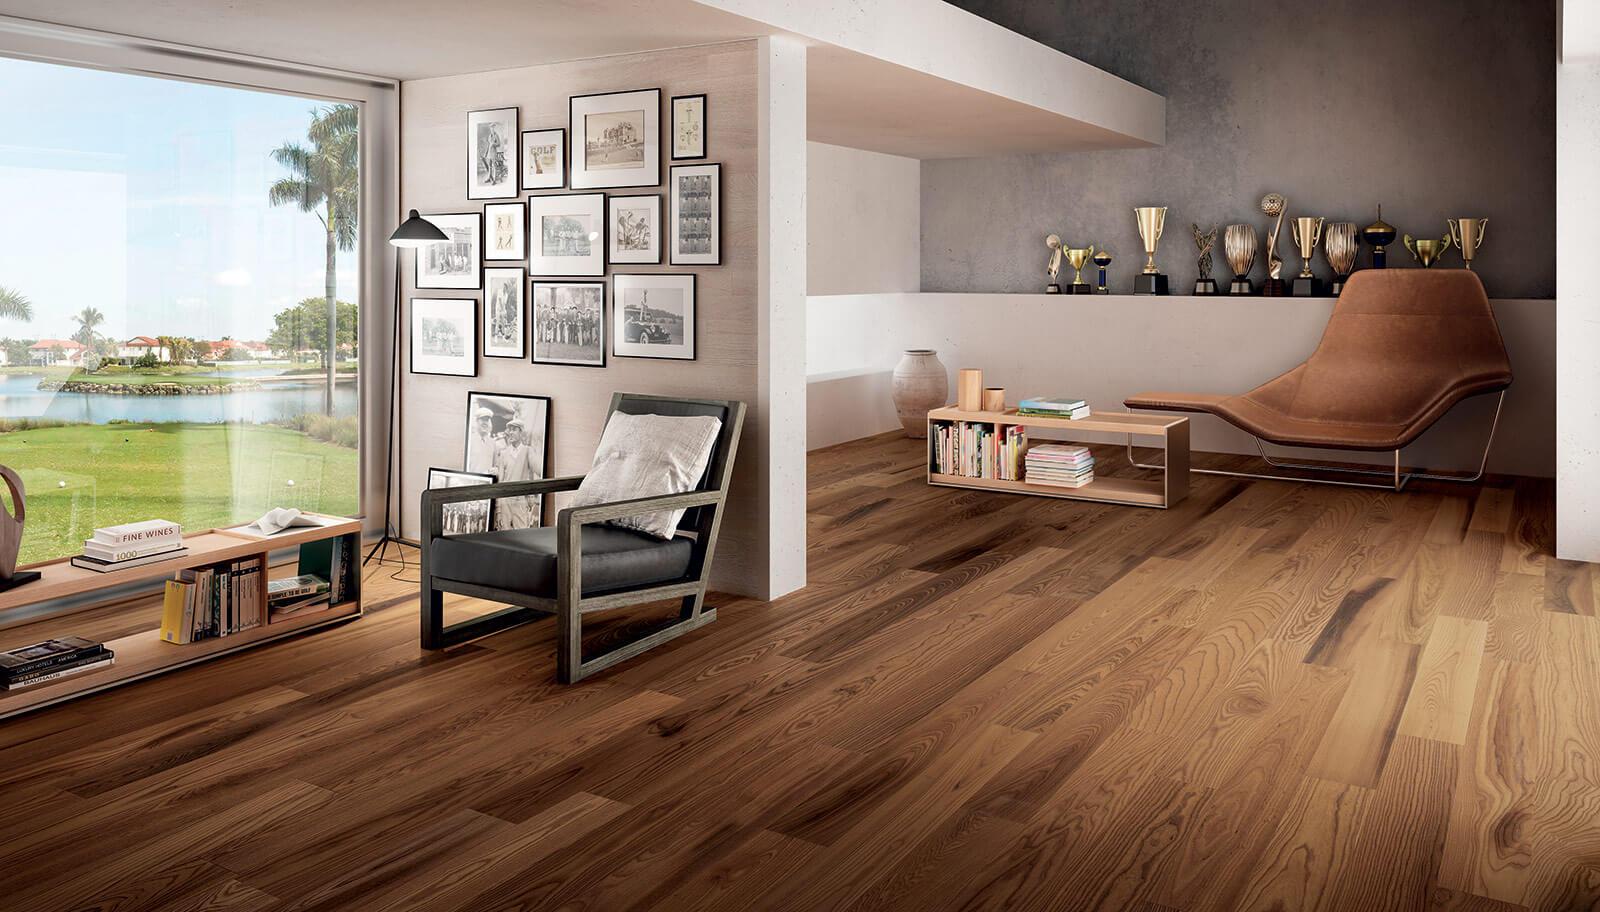 soggiorno moderno con pavimento in legno, poltroni, parete attrezzato e infissi esterni